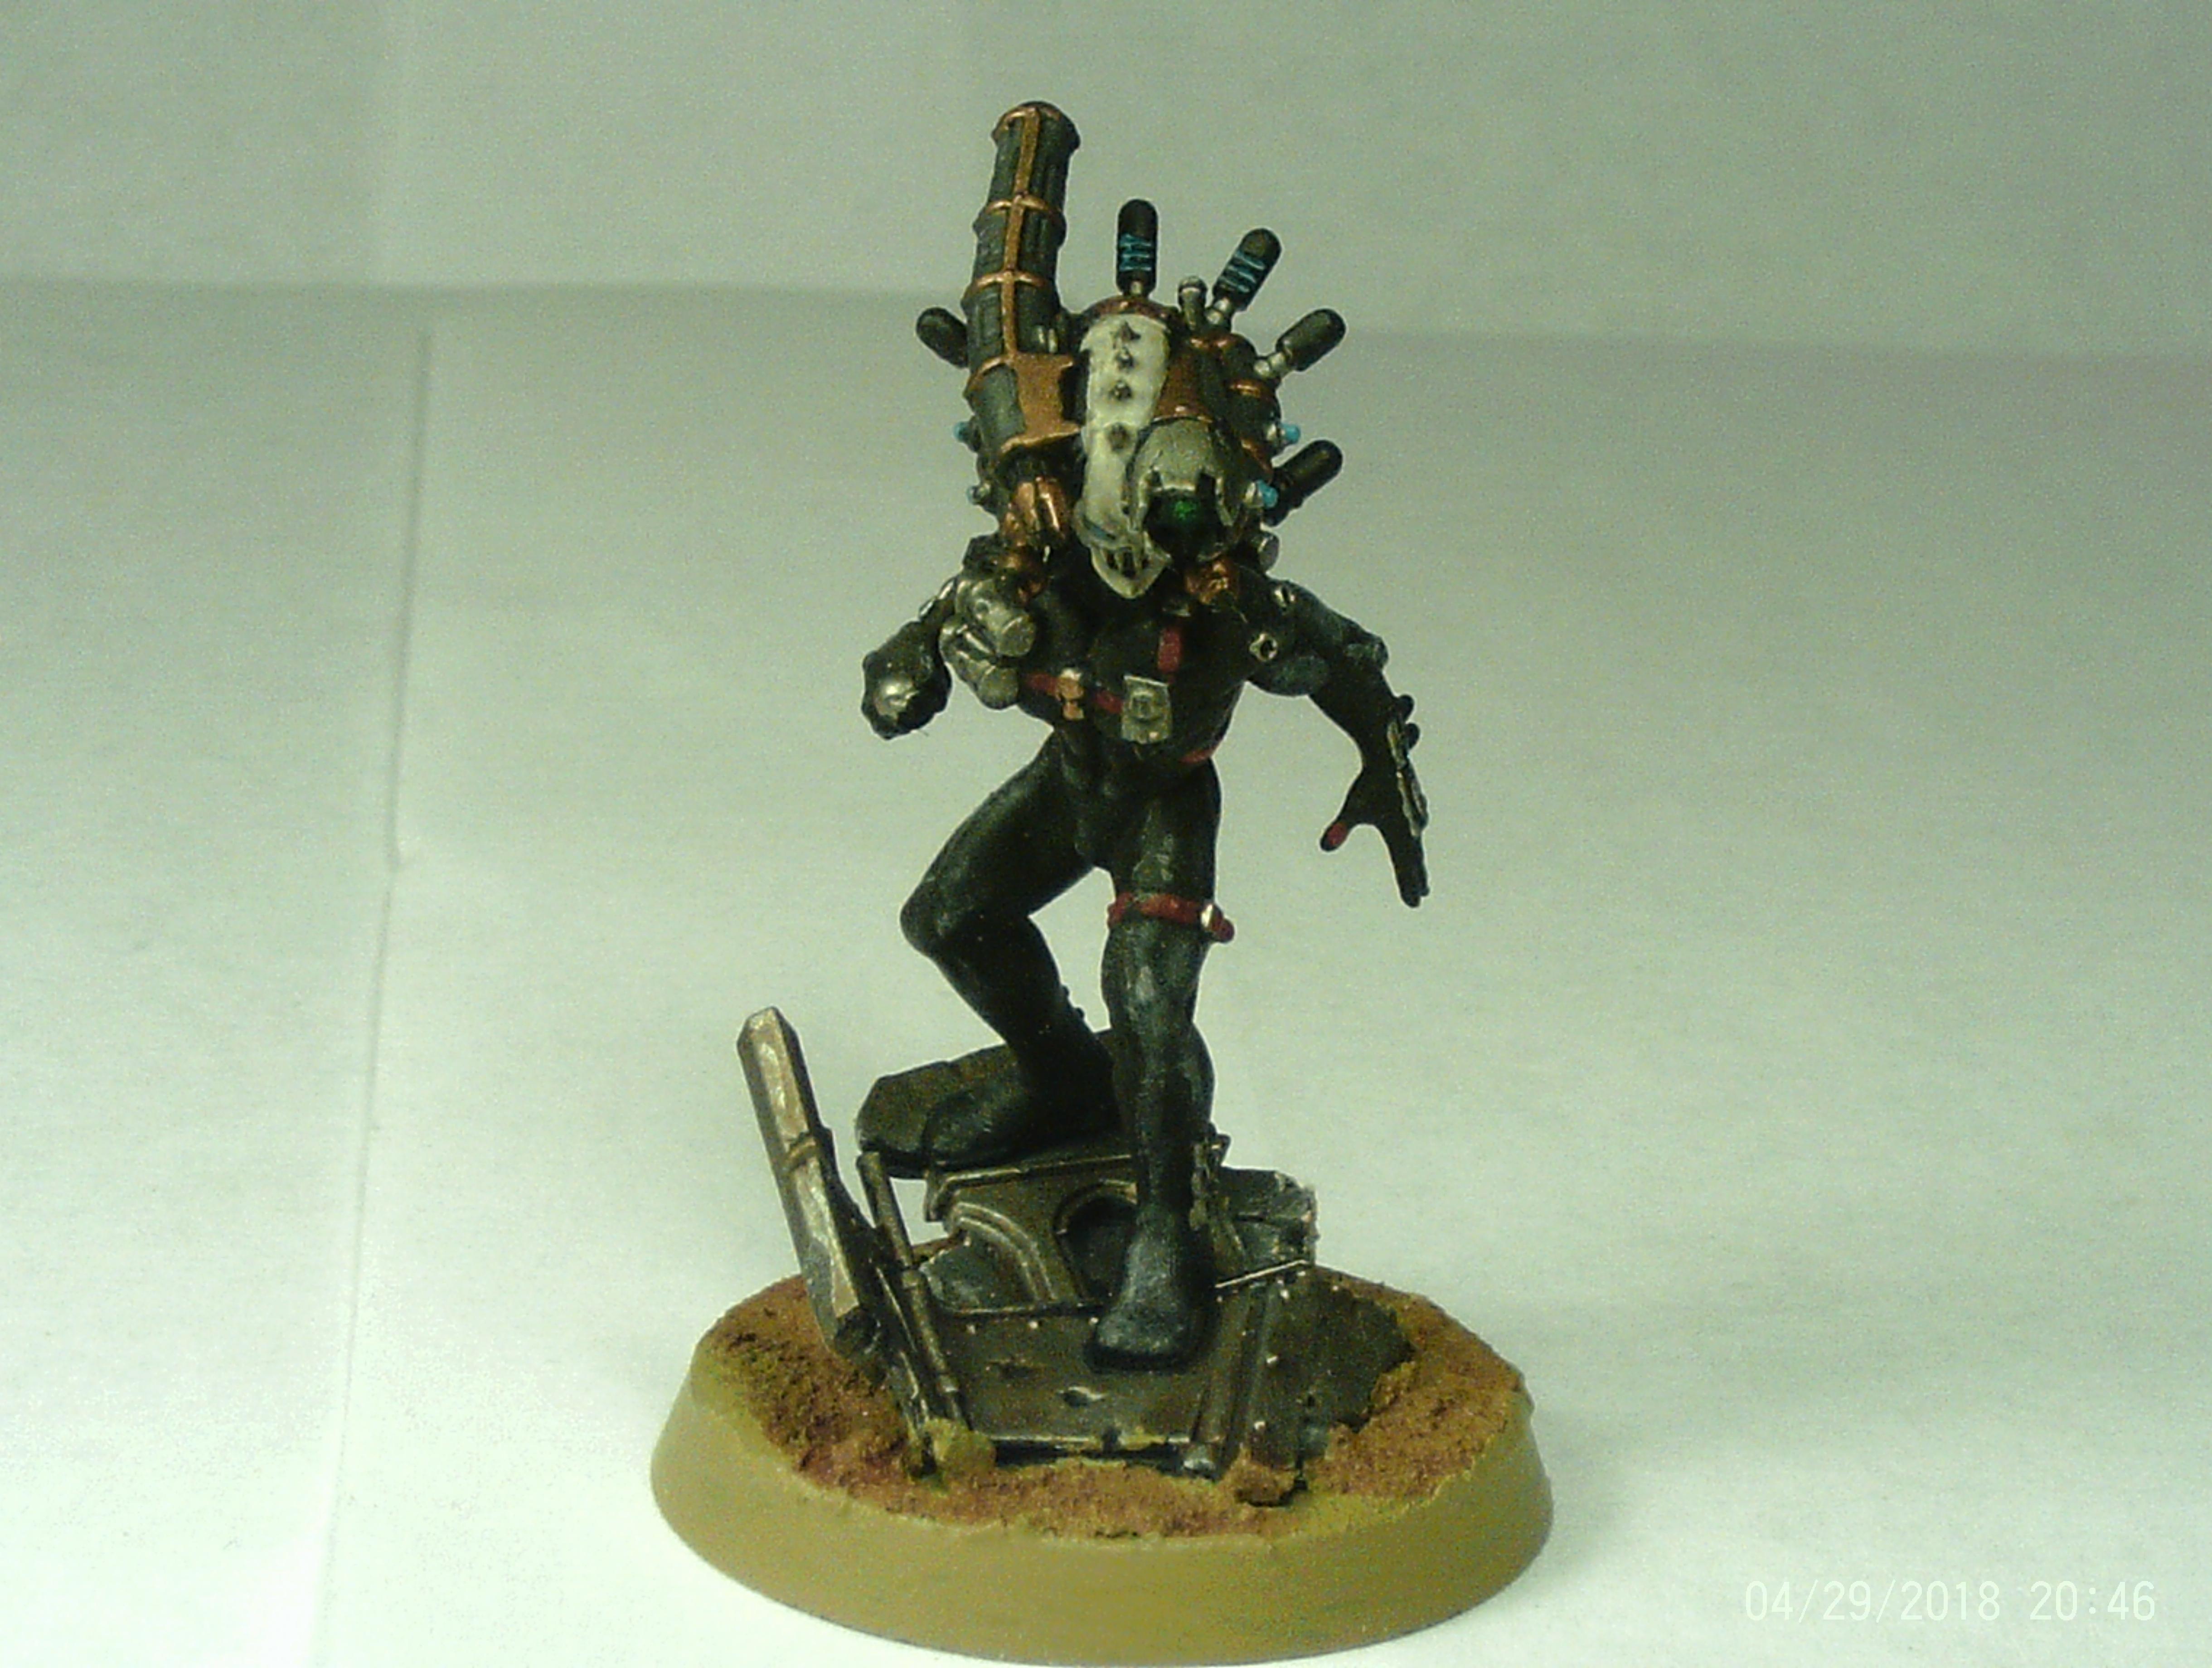 Agent, Assassin, Assassinorum, Black, Callidus, Culexus, Eversor, Execution, Force, Imperium, Vindicare